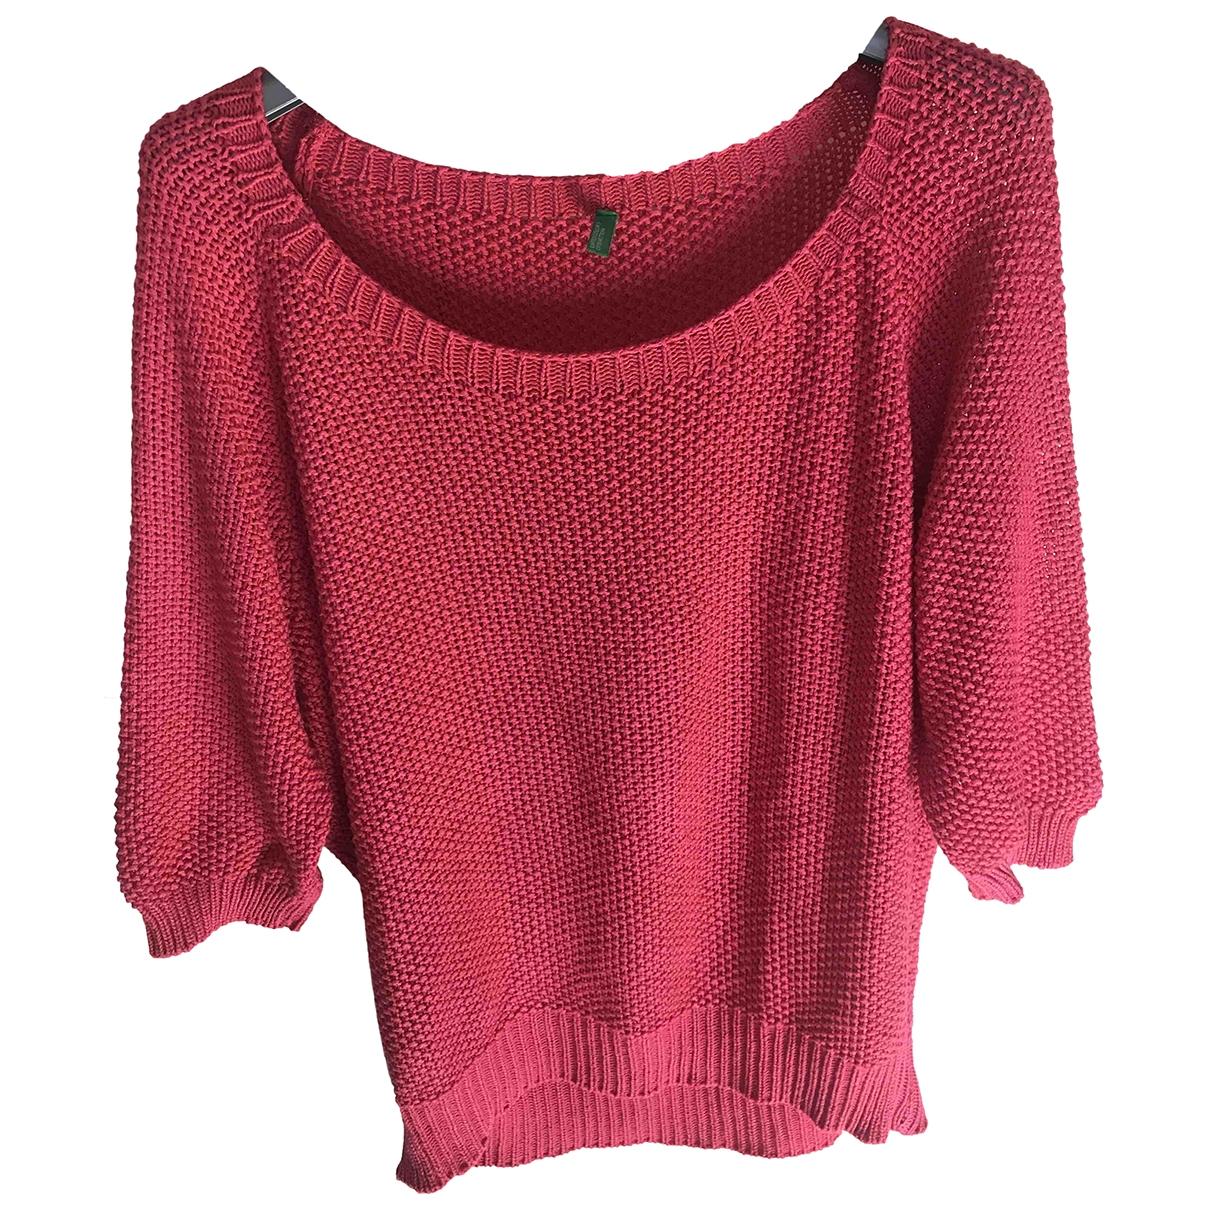 - Pull Oversize pour femme en coton